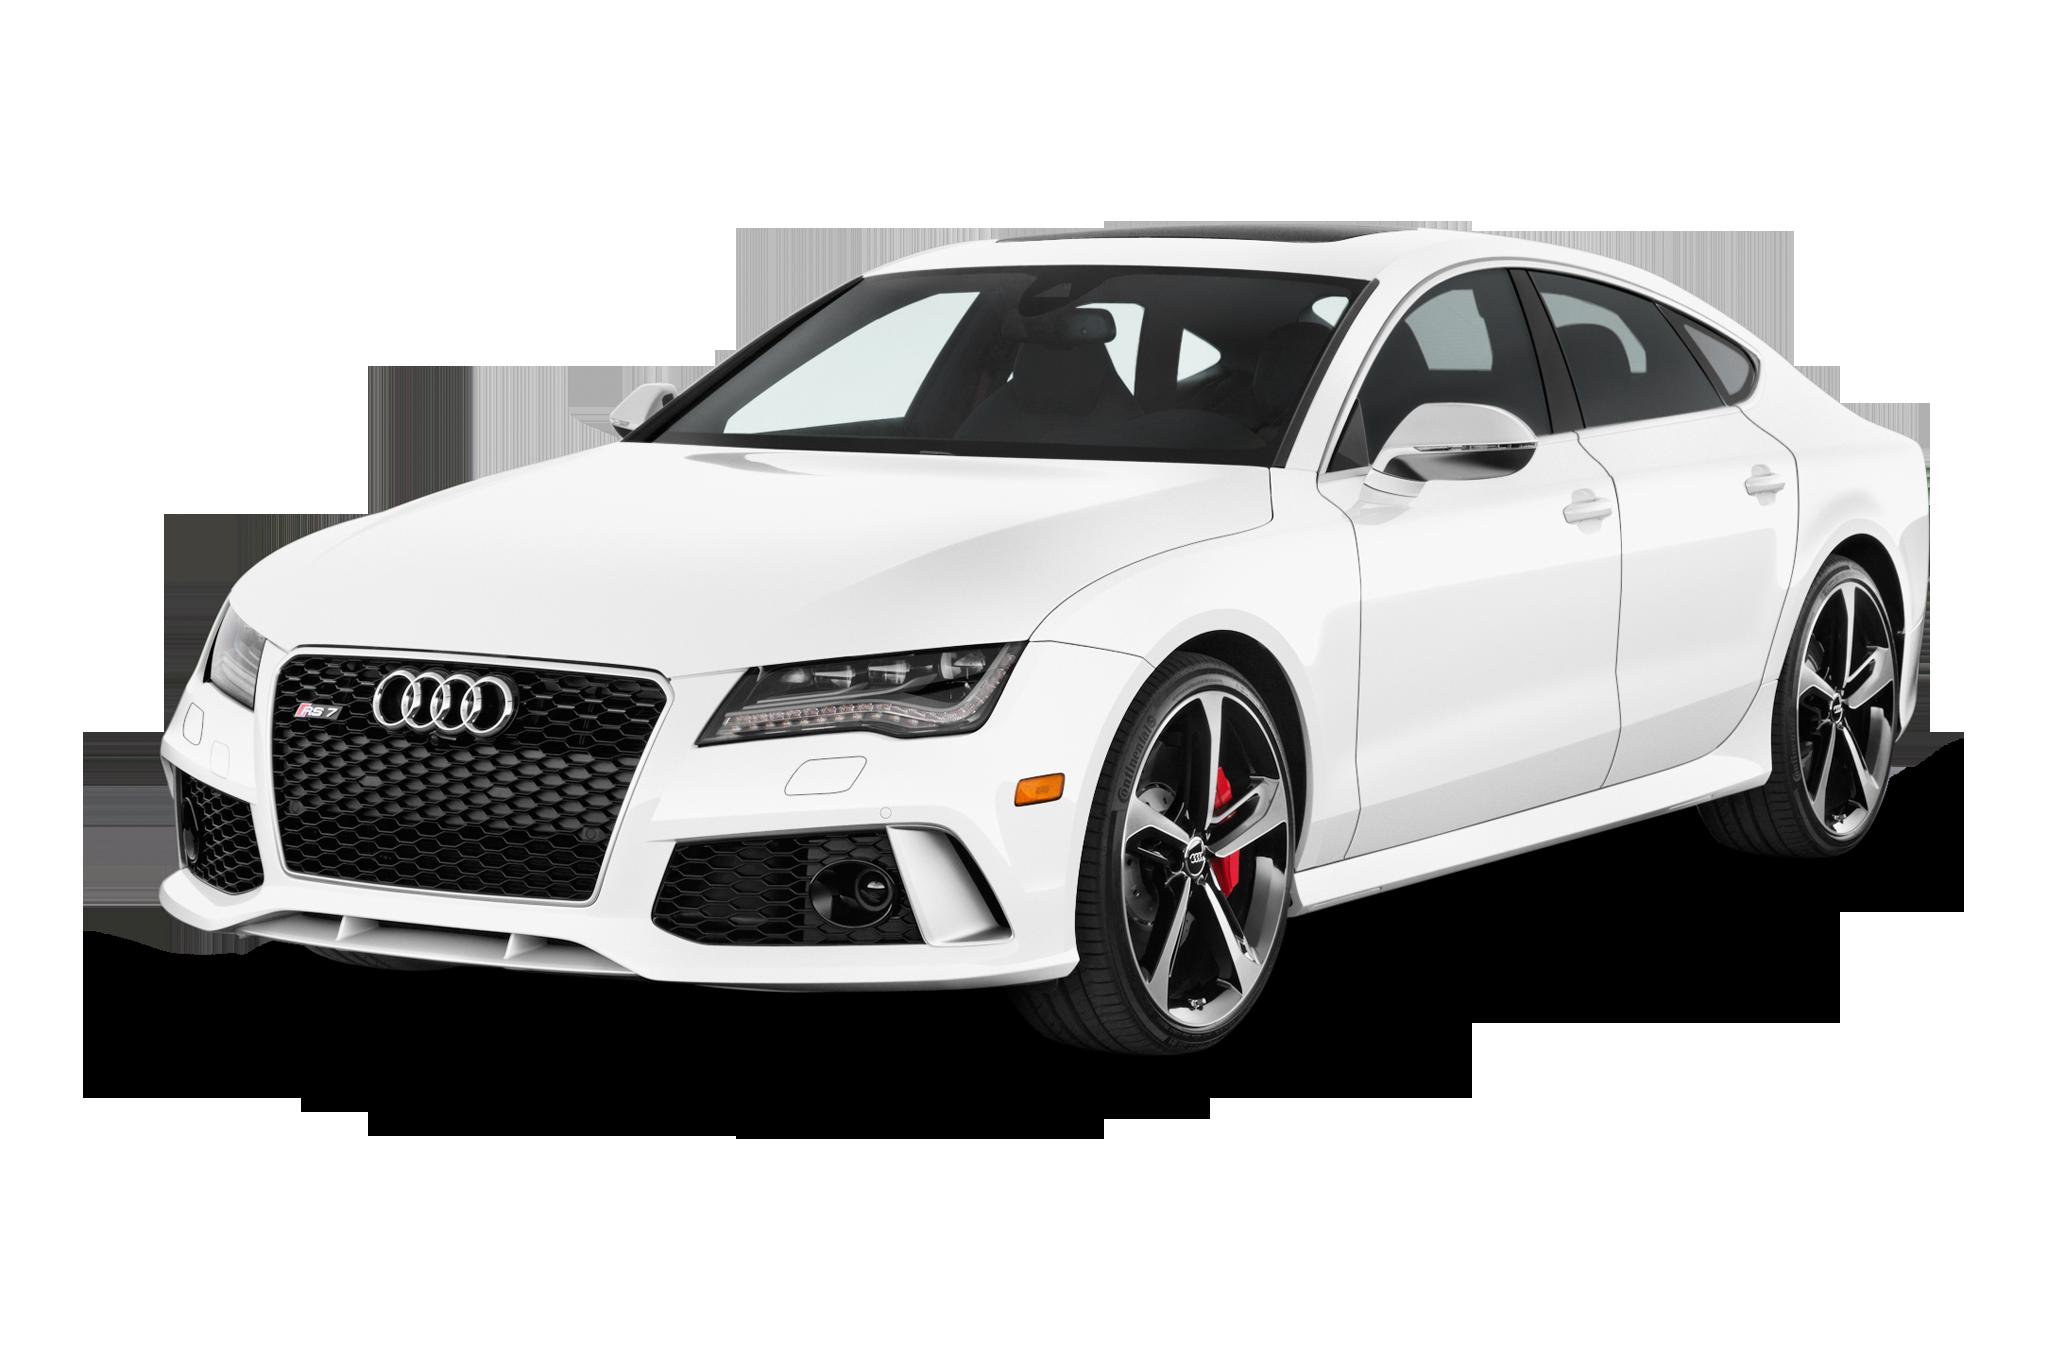 2014 Audi RS 7 Hatchback